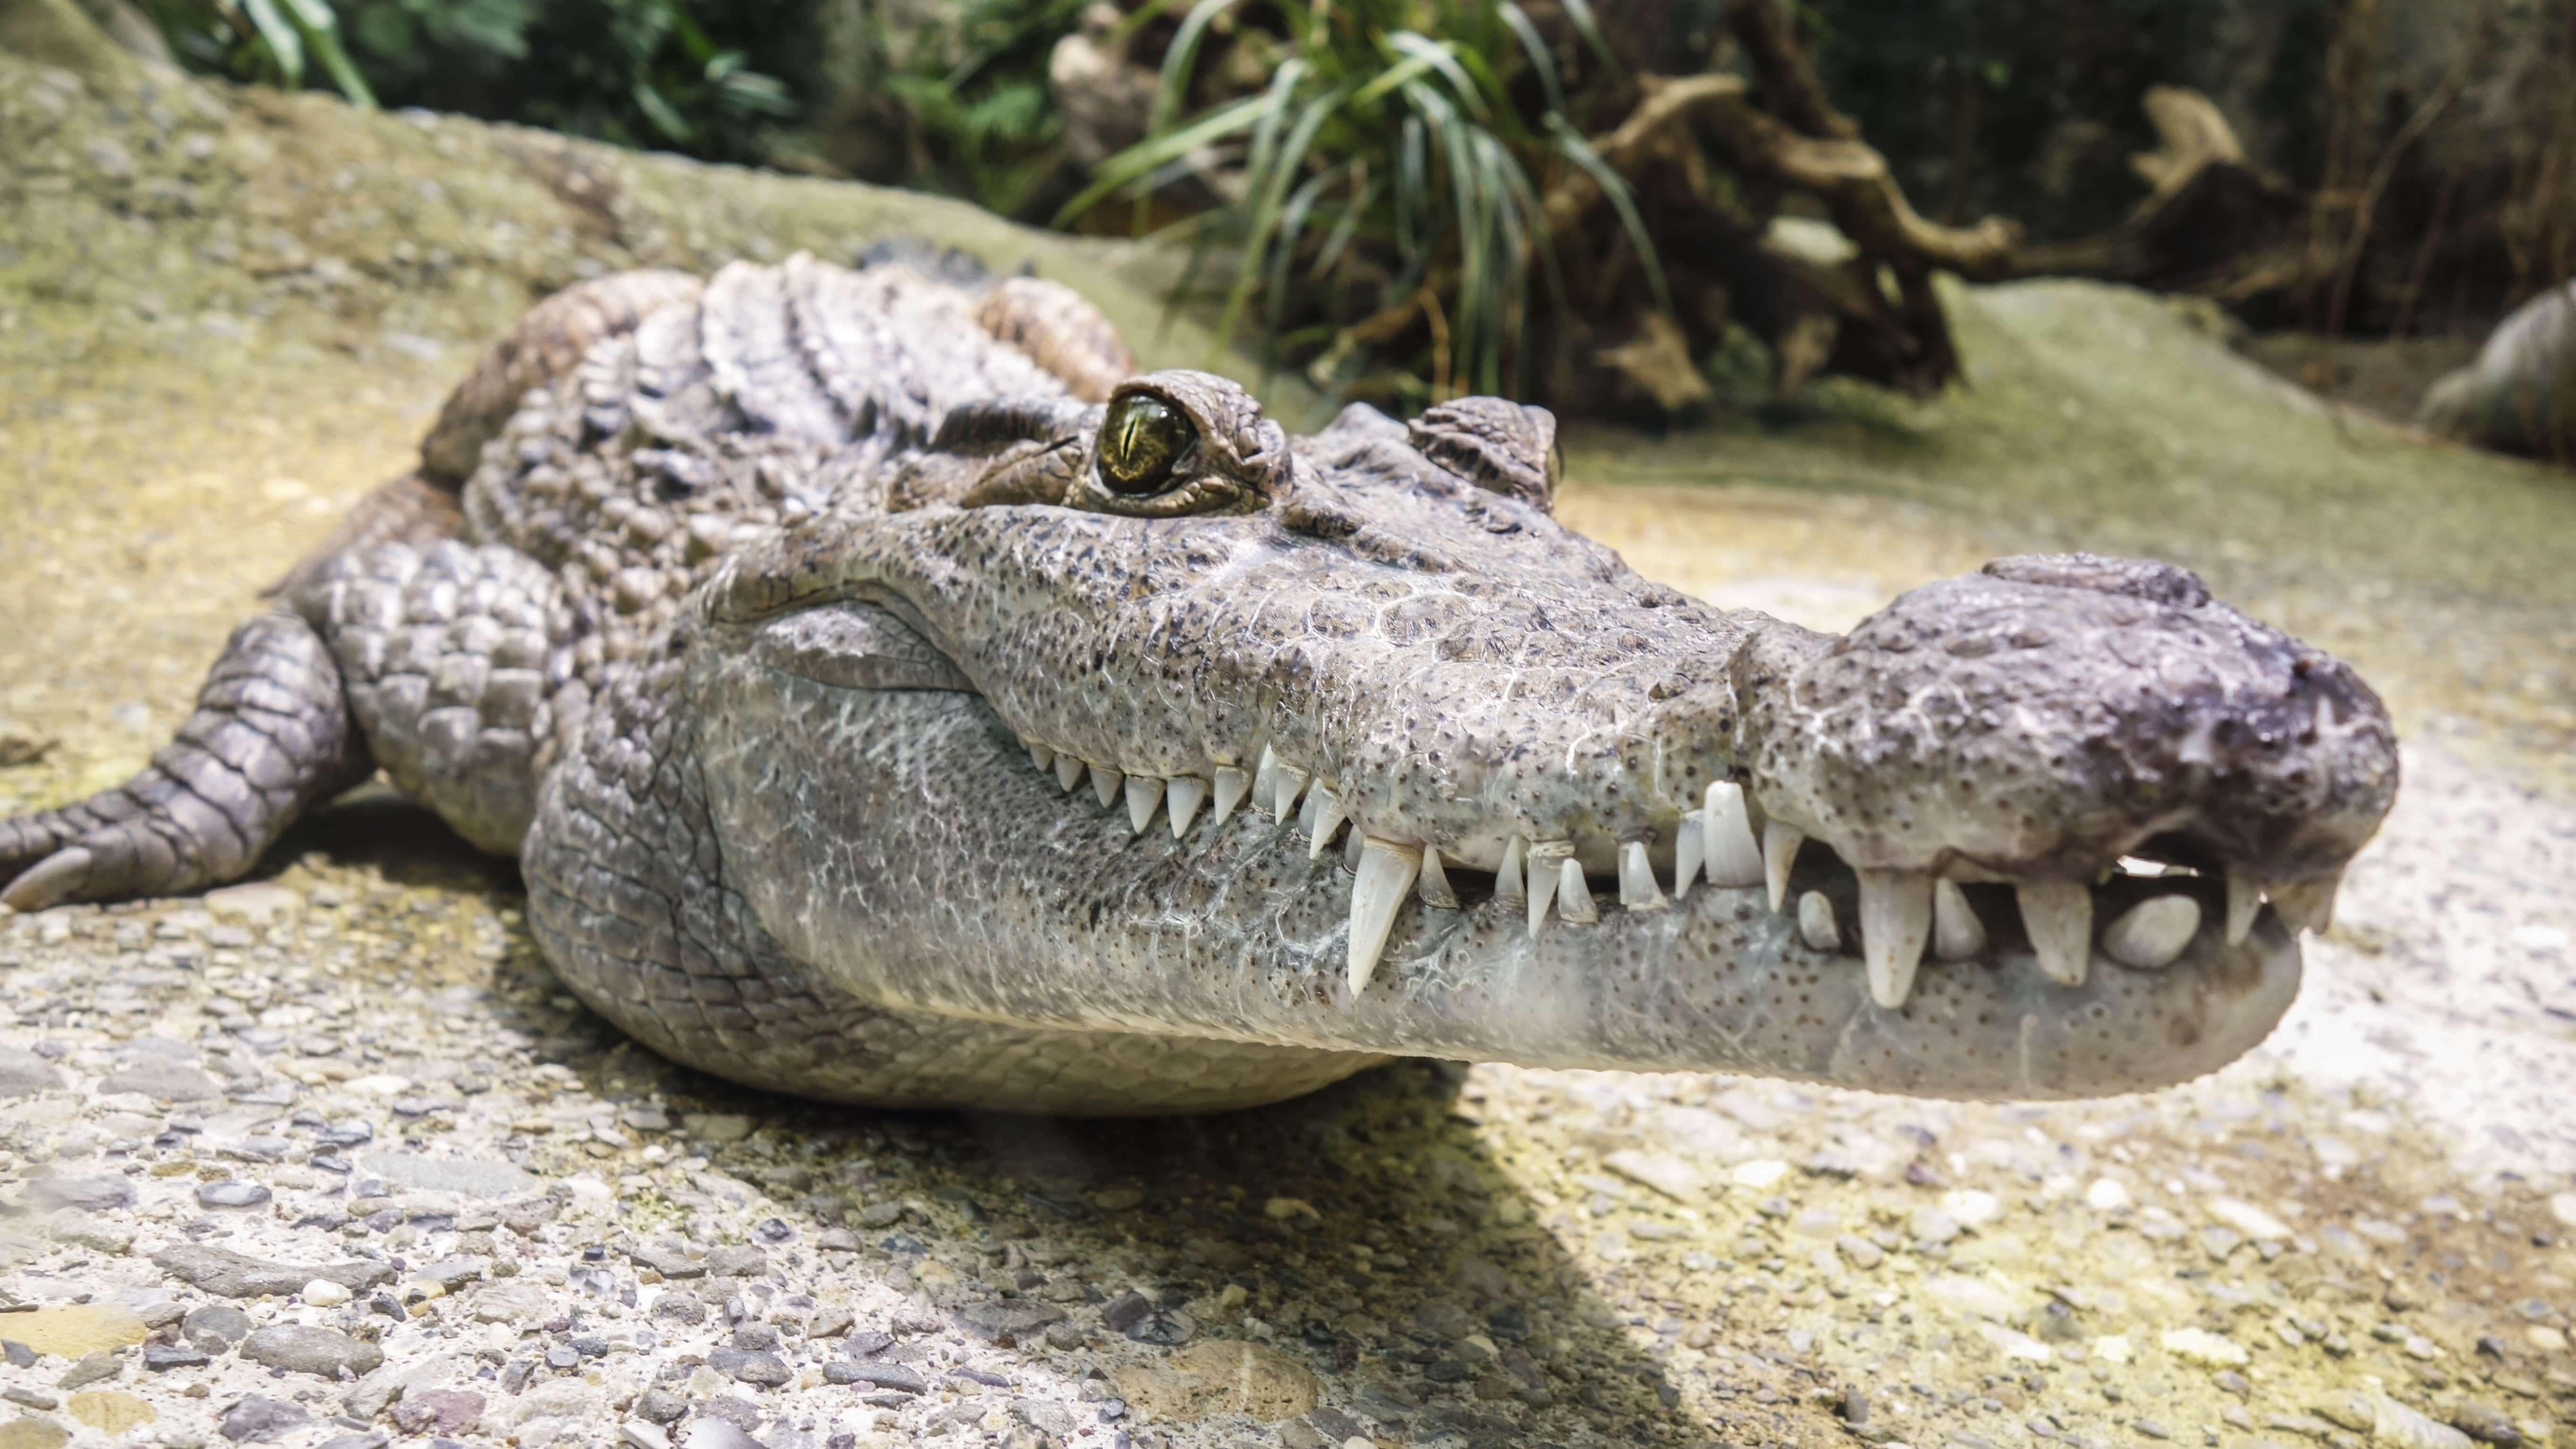 Картинка: Крокодил, рептилия, морда, зубы, пасть, глаза, камень